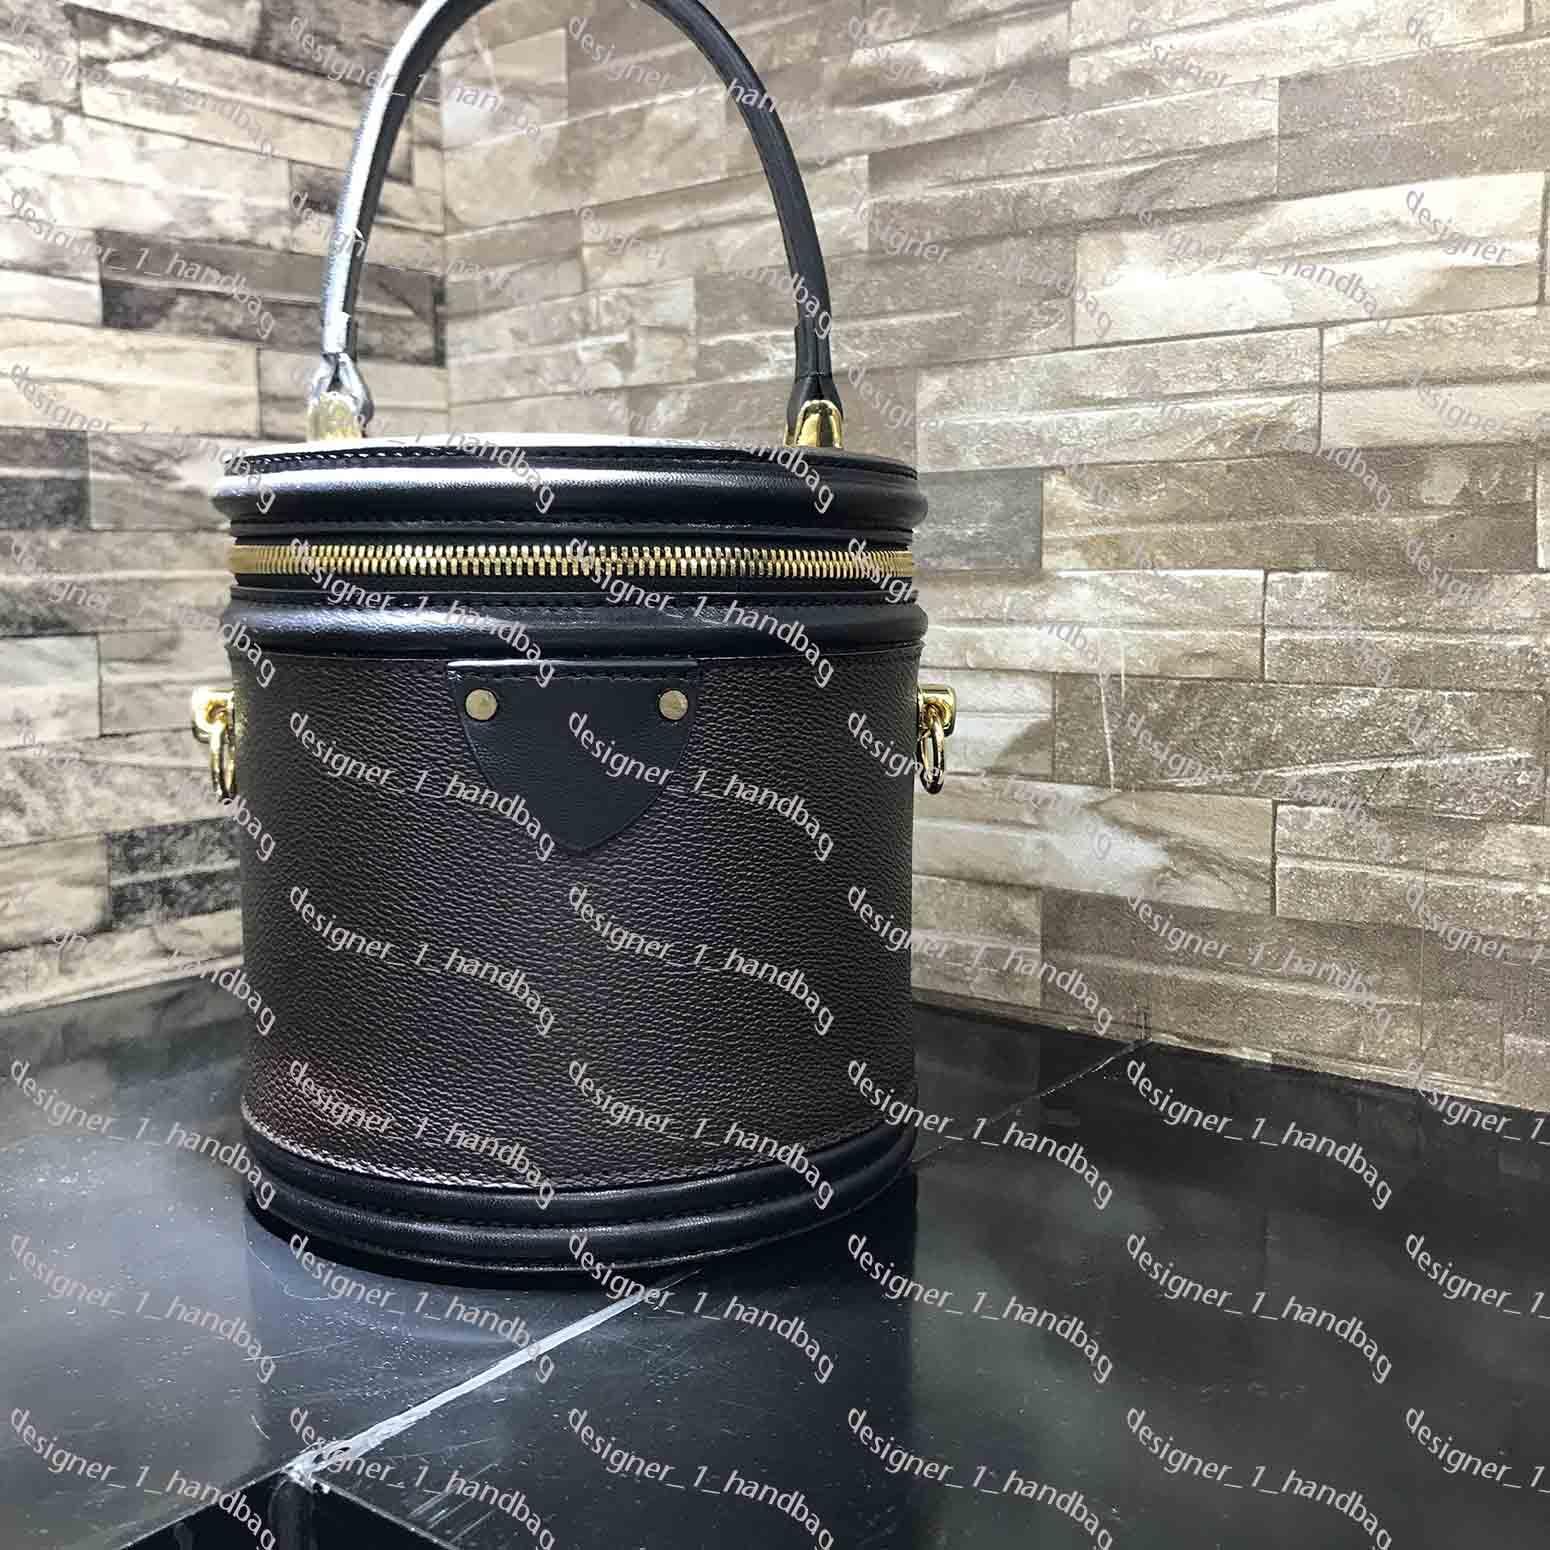 2017 حقيبة يد إلكتروني زهرة الكلاسيكية عنصر تصميم كان مطابقة اللون مستديرة حقيبة دلو الأزياء حقيبة مستحضرات التجميل